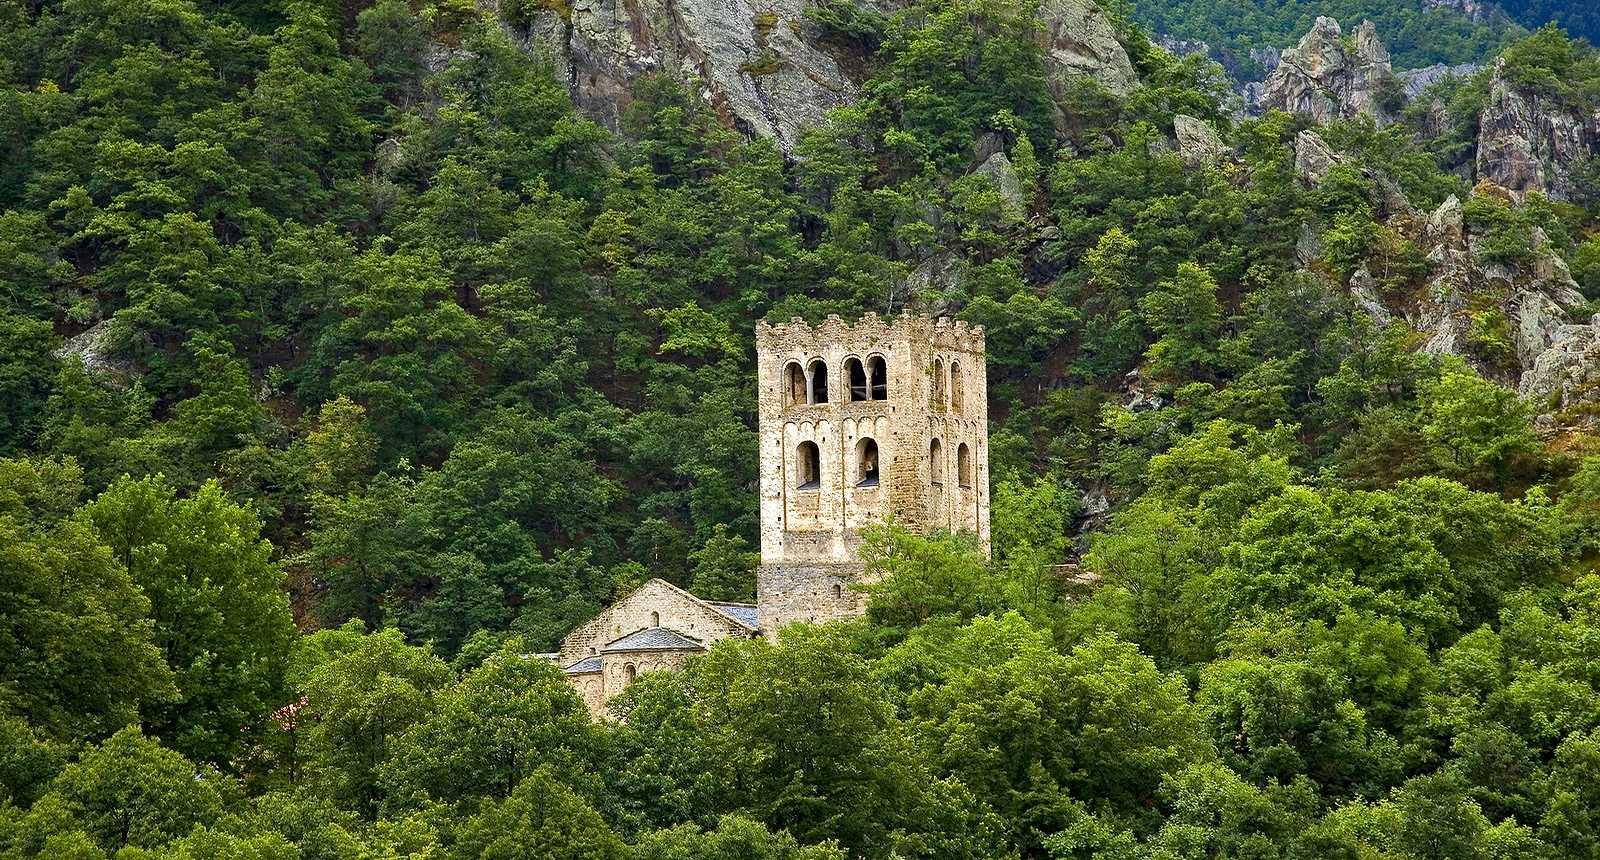 Clocher de l'Abbaye Saint-Martin-du-Canigou